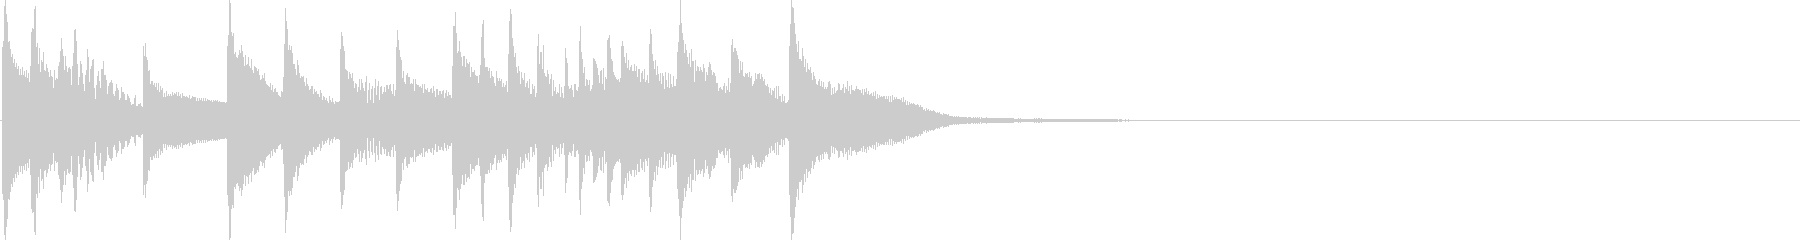 マリンバとピアノのジングルの未再生の波形